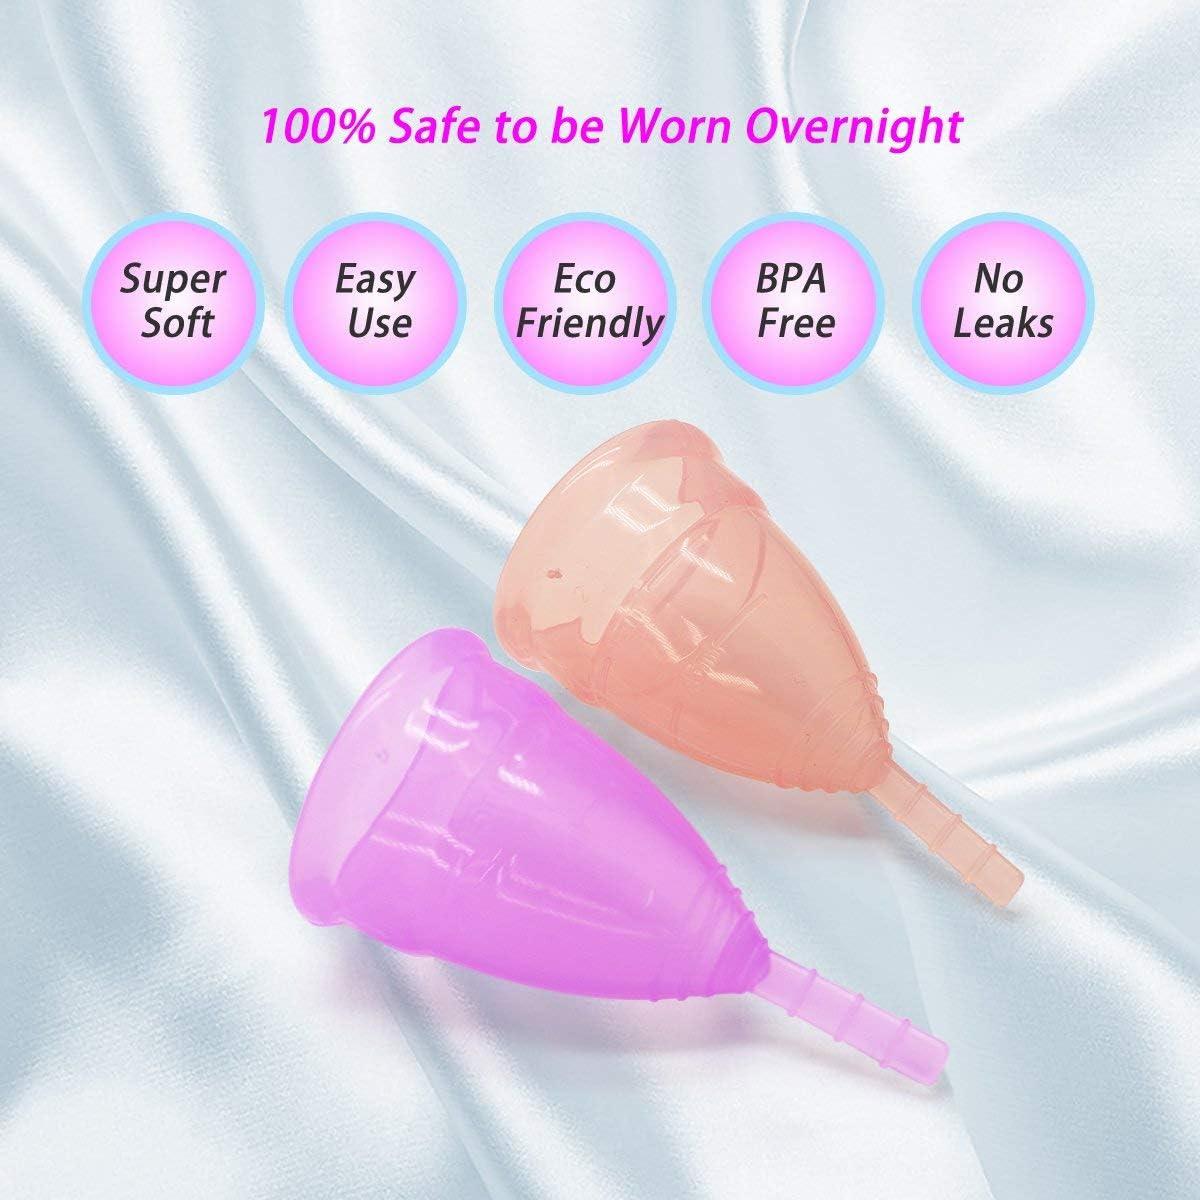 Exqline - Copa menstrual rosa y lila fabricada en silicona ...